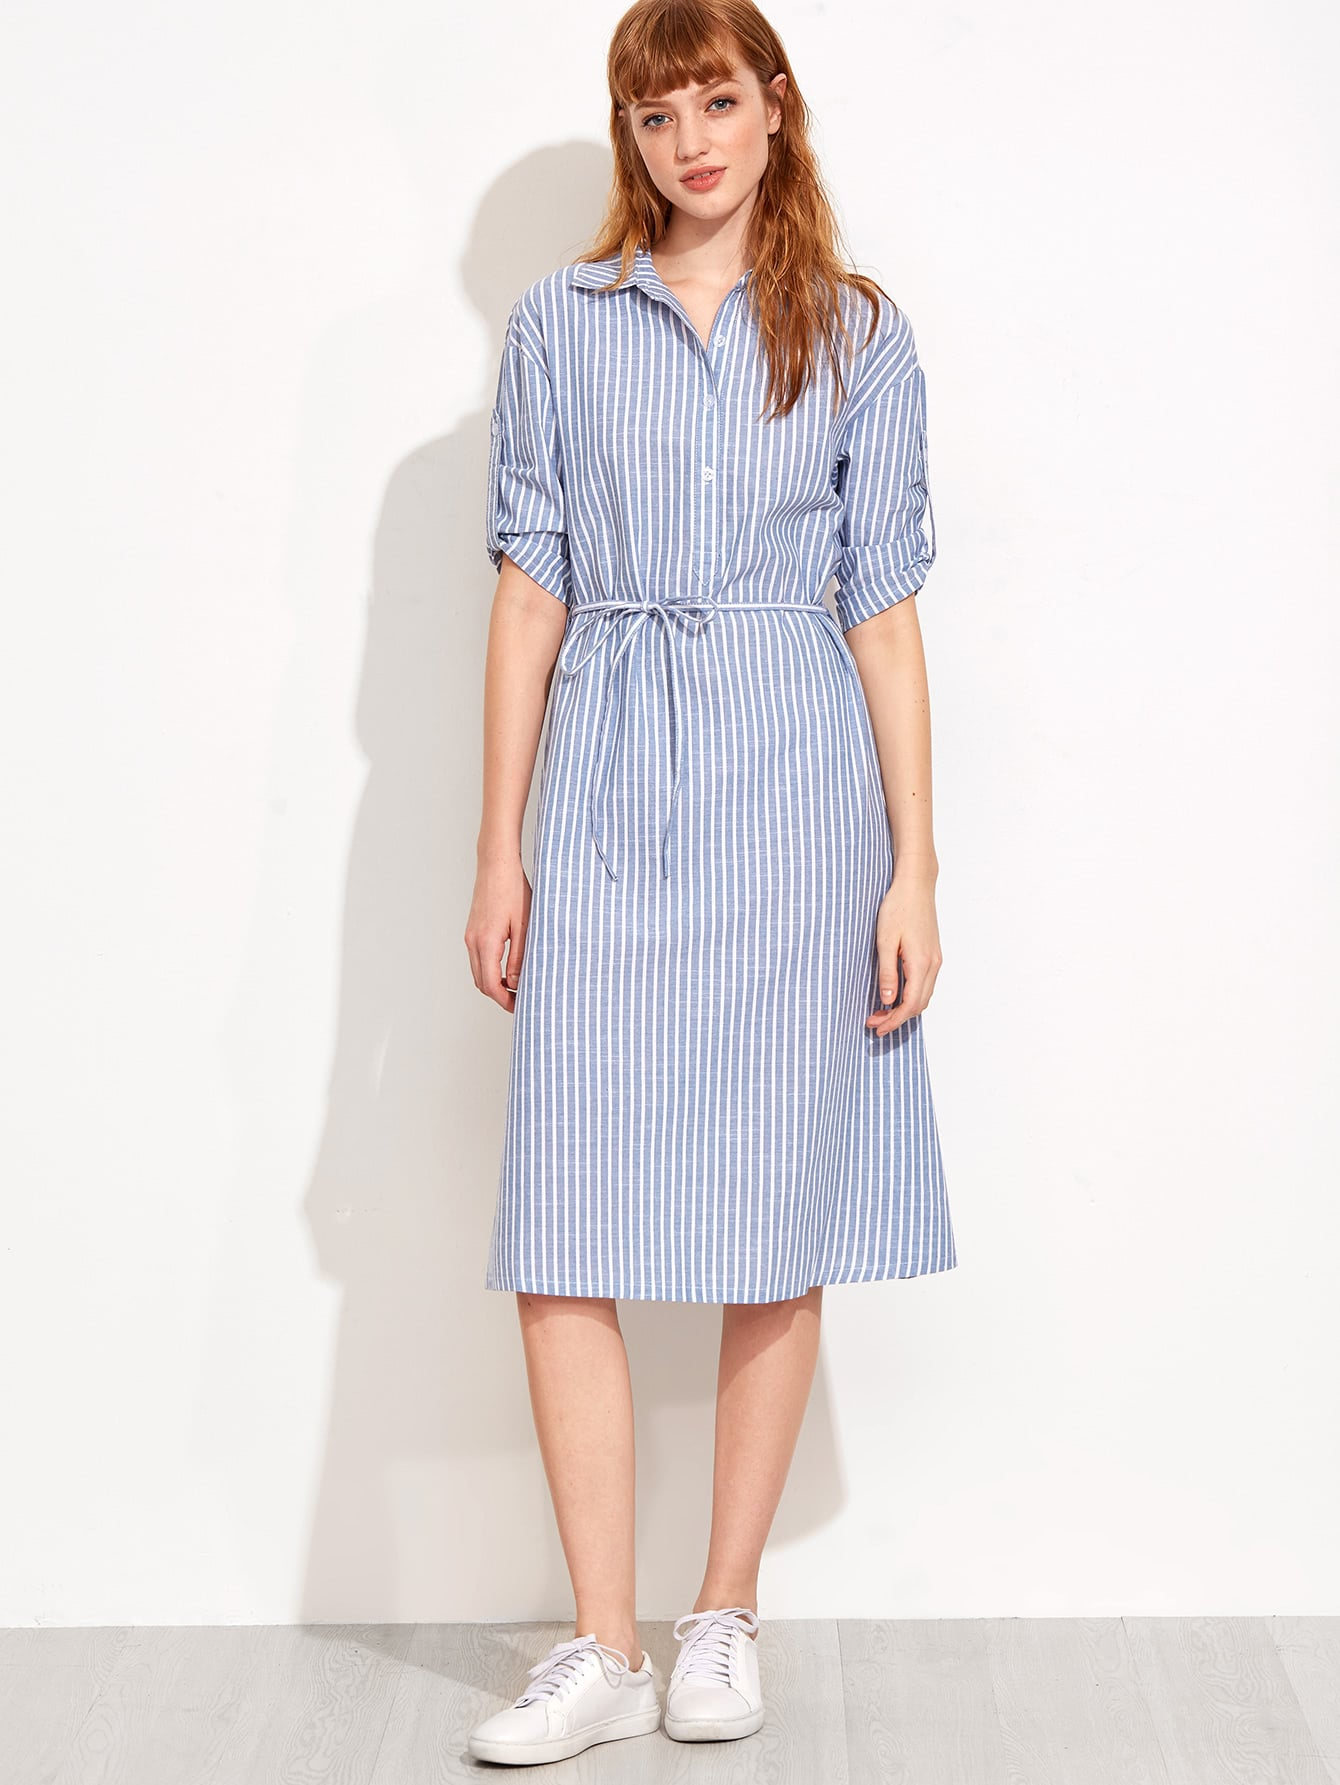 dress160830121_2